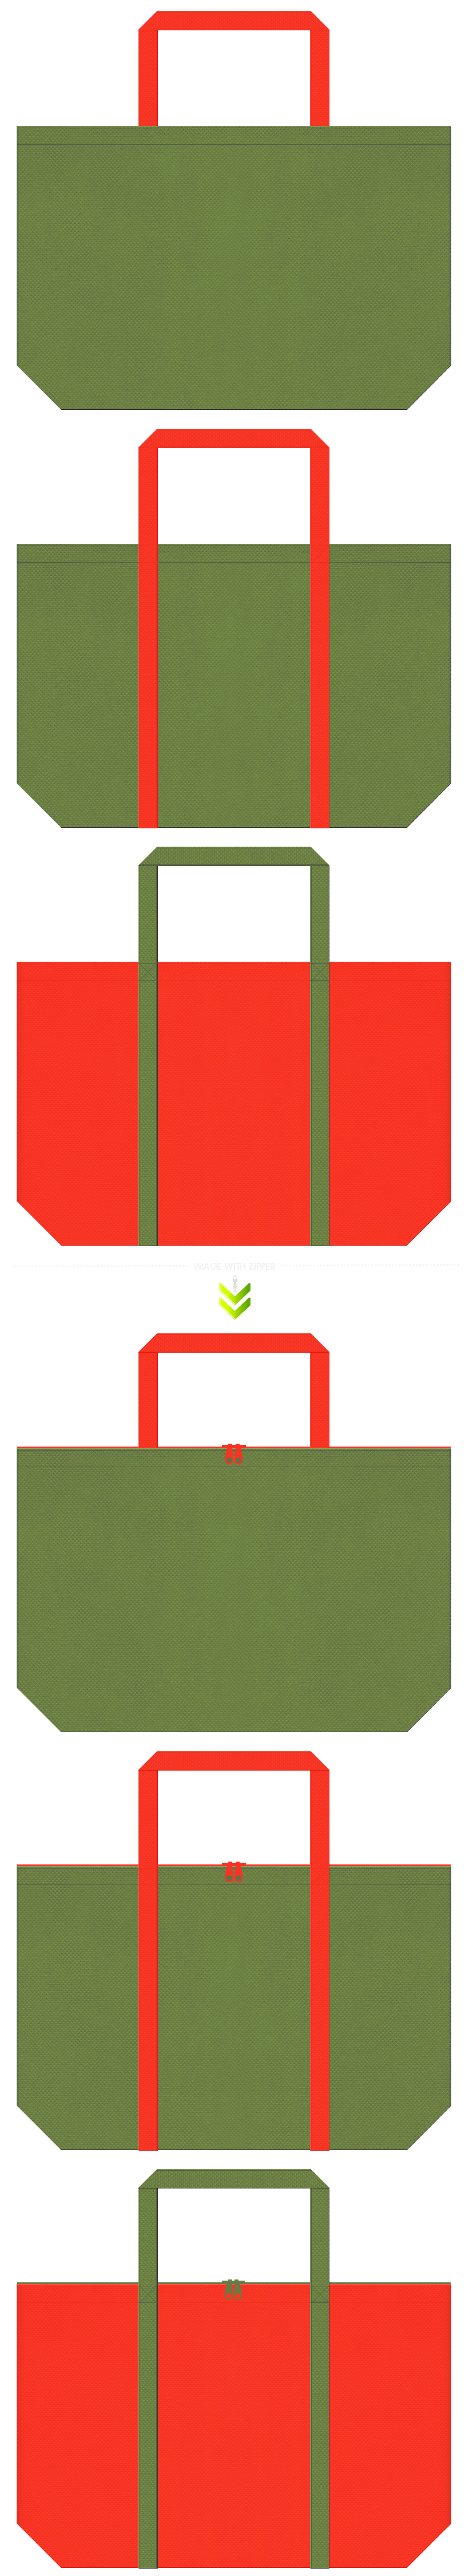 抹茶オレンジ・柿・絵本・民話・昔話・和風エコバッグにお奨めの不織布バッグデザイン:草色とオレンジ色のコーデ